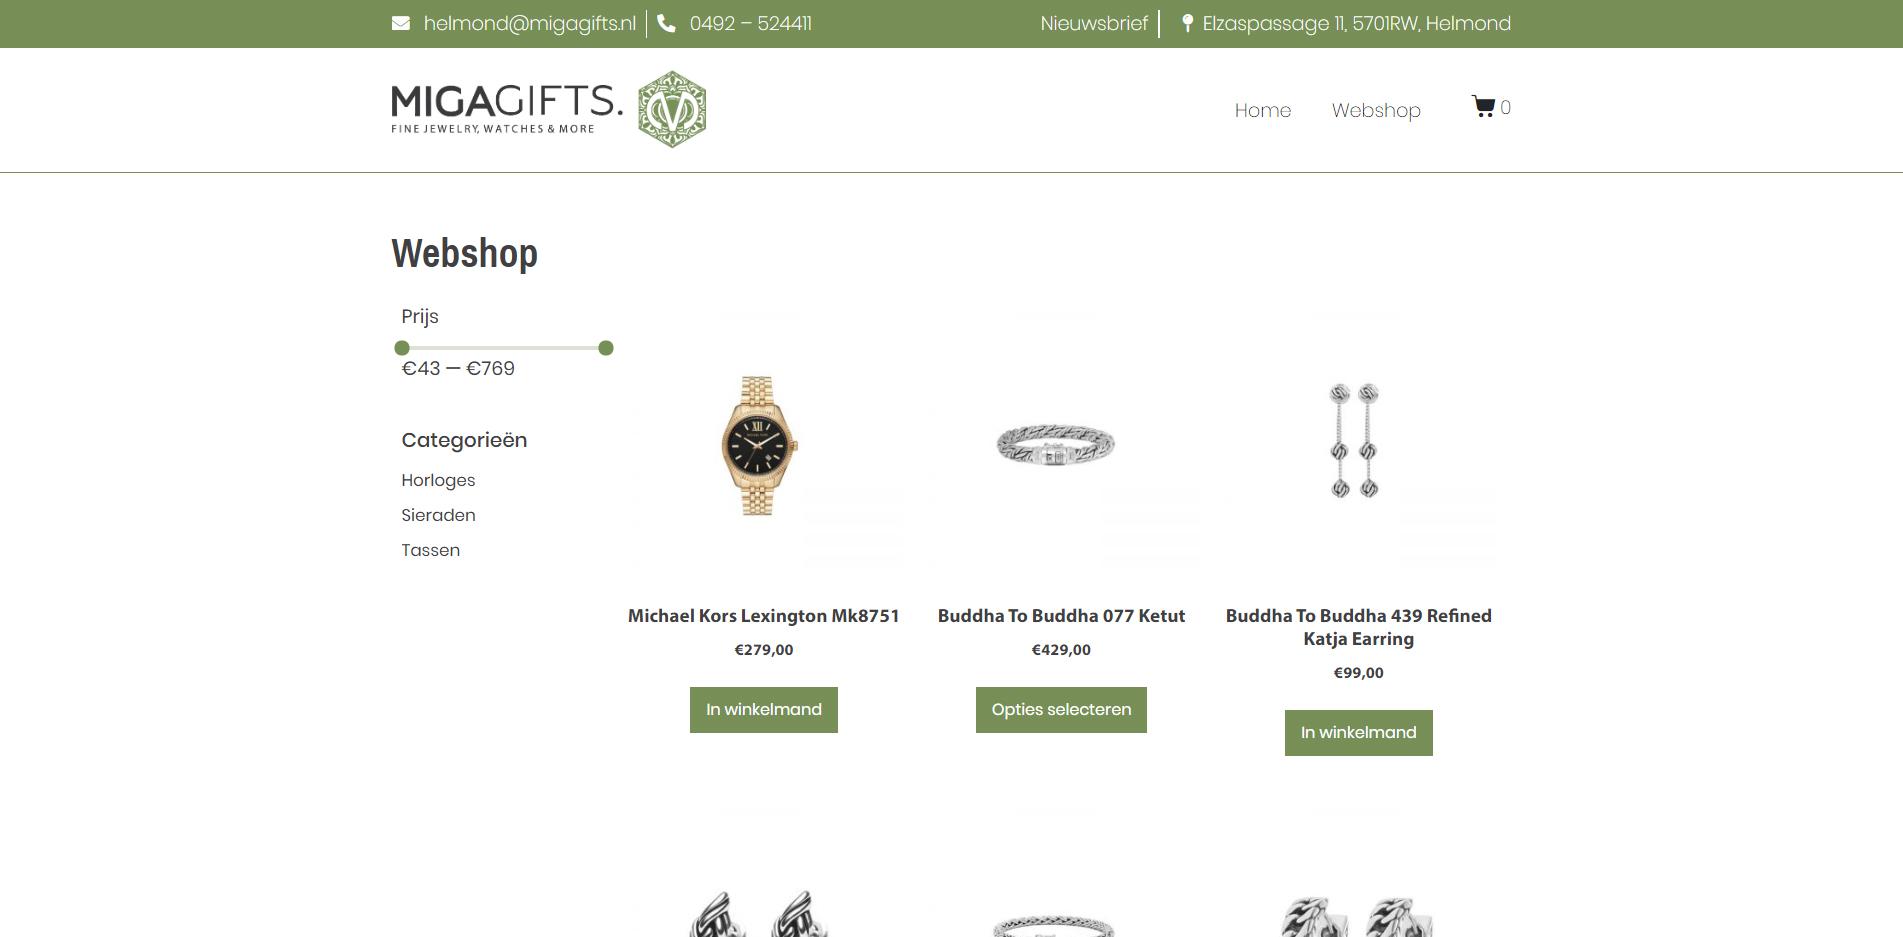 migagifts-webshop